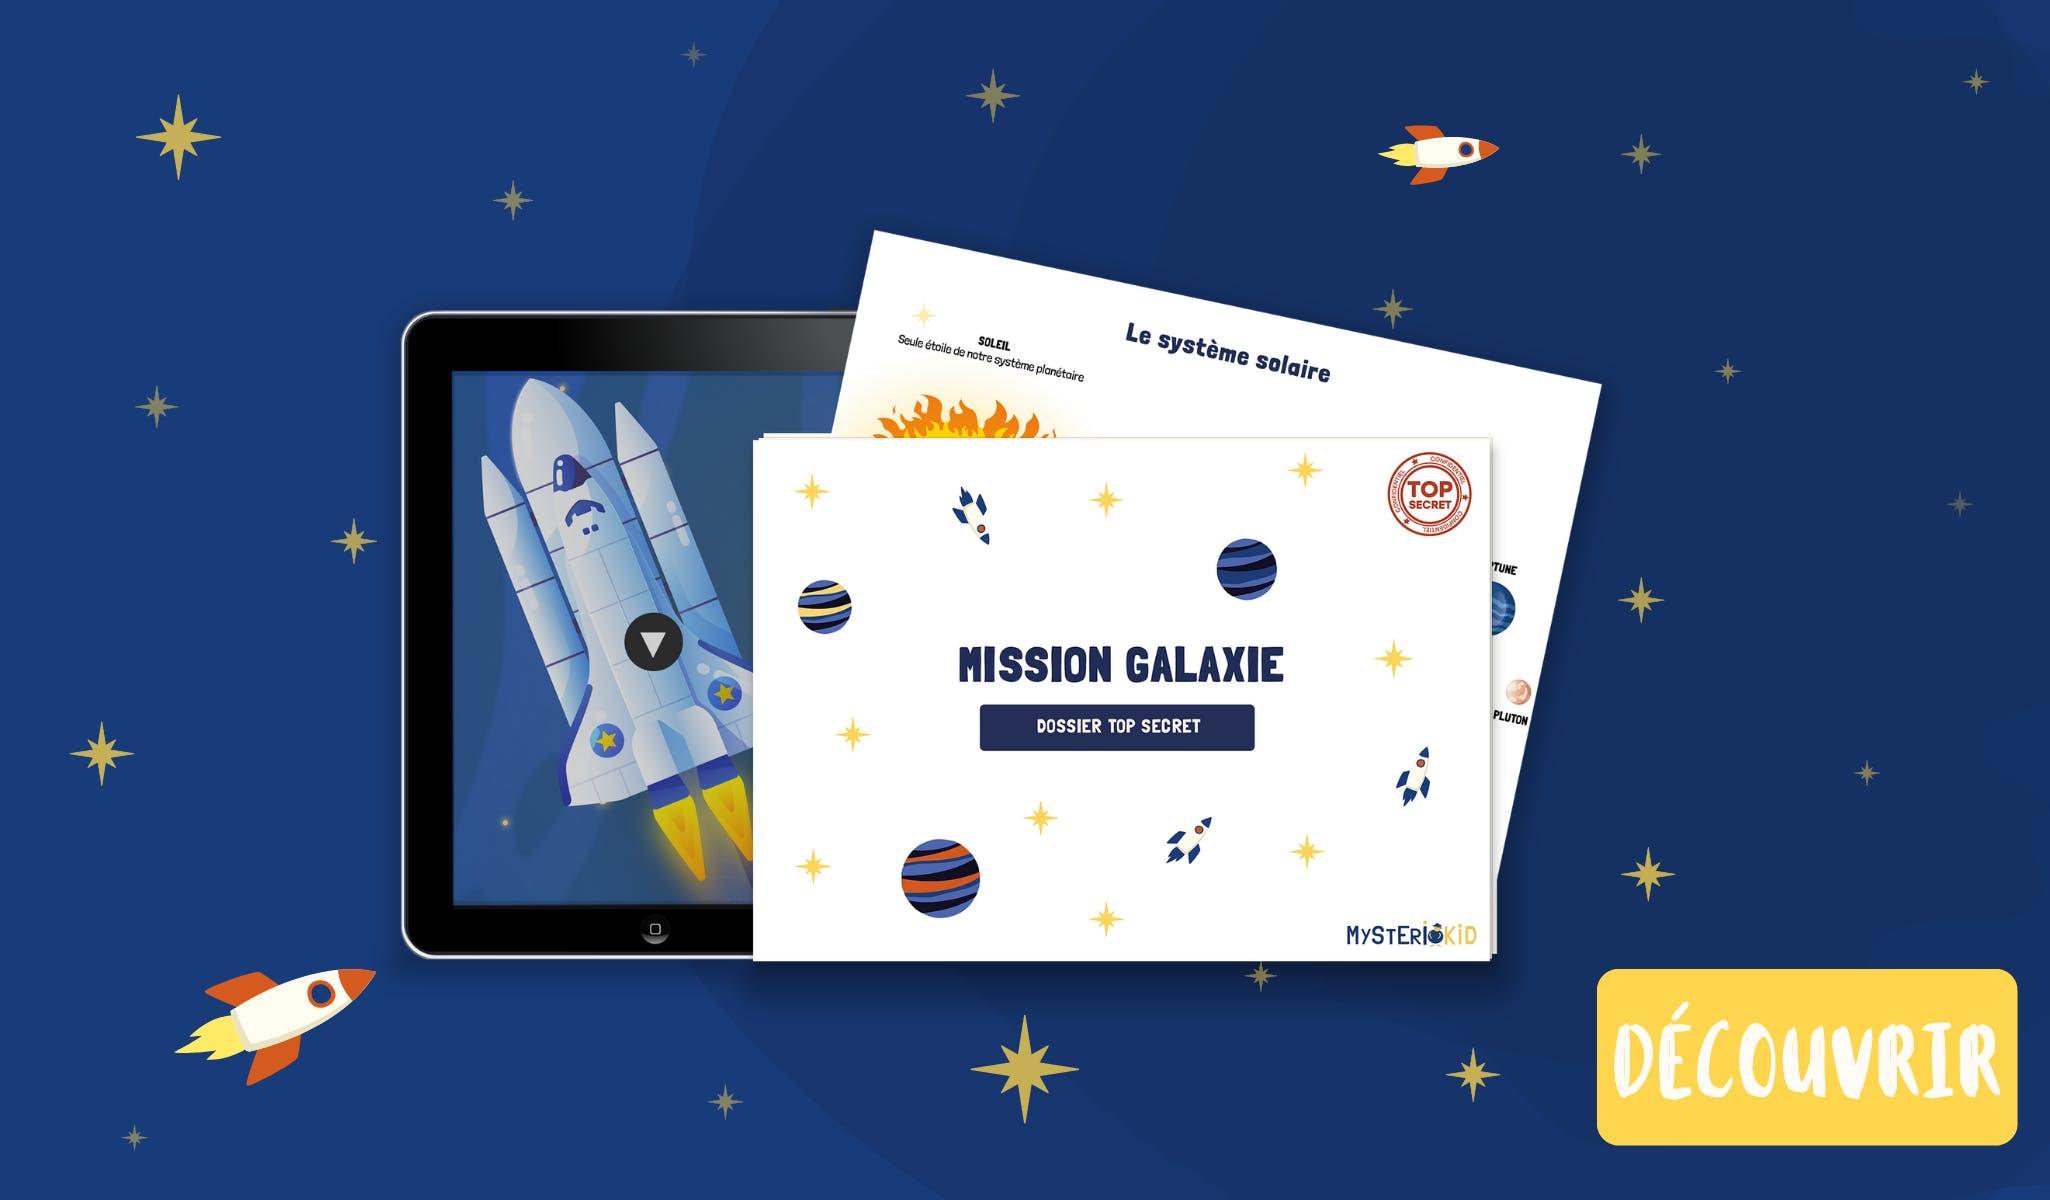 Jeu sur le système solaire gratuit pour les enfants de 6 à 9 ans